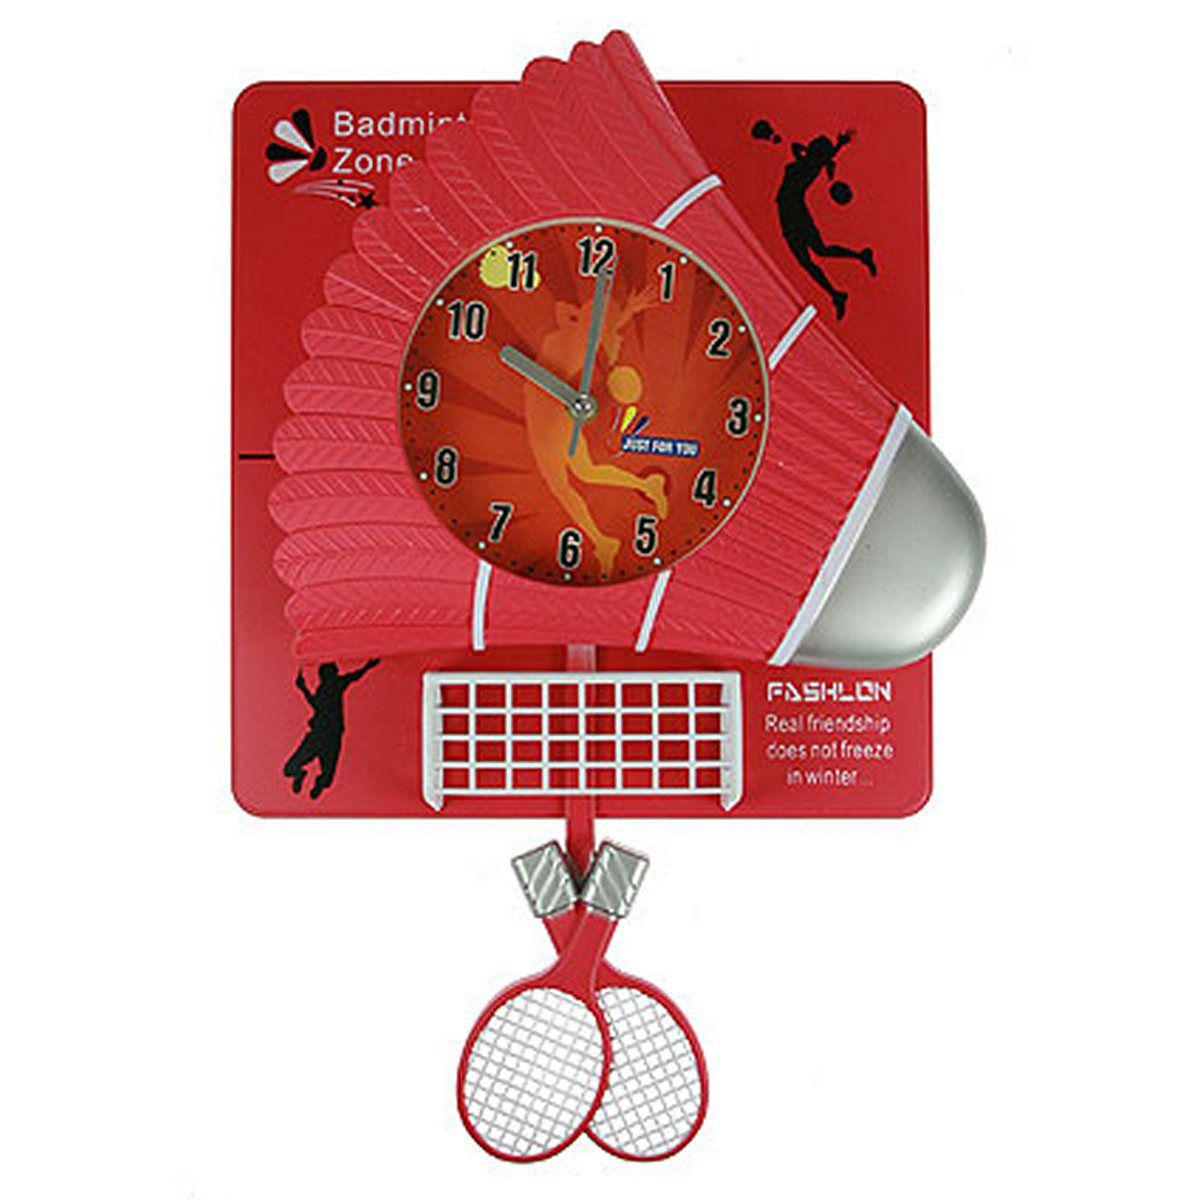 Часы настенные Русские Подарки Бадминтон, 31 х 6 х 46 см. 222424CH012Настенные кварцевые часы Русские Подарки Бадминтон изготовлены из пластика. Корпус оригинально оформлен элементами игры в бадминтон. Часы имеют две стрелки - часовую и минутную. С обратной стороны имеетсяпетелька для подвешивания на стену. Такие часы красиво и необычно оформят интерьер дома или офиса. Также часы могут стать уникальным, полезным подарком для родственников, коллег, знакомых и близких.Часы работают от батареек типа АА (в комплект не входят).